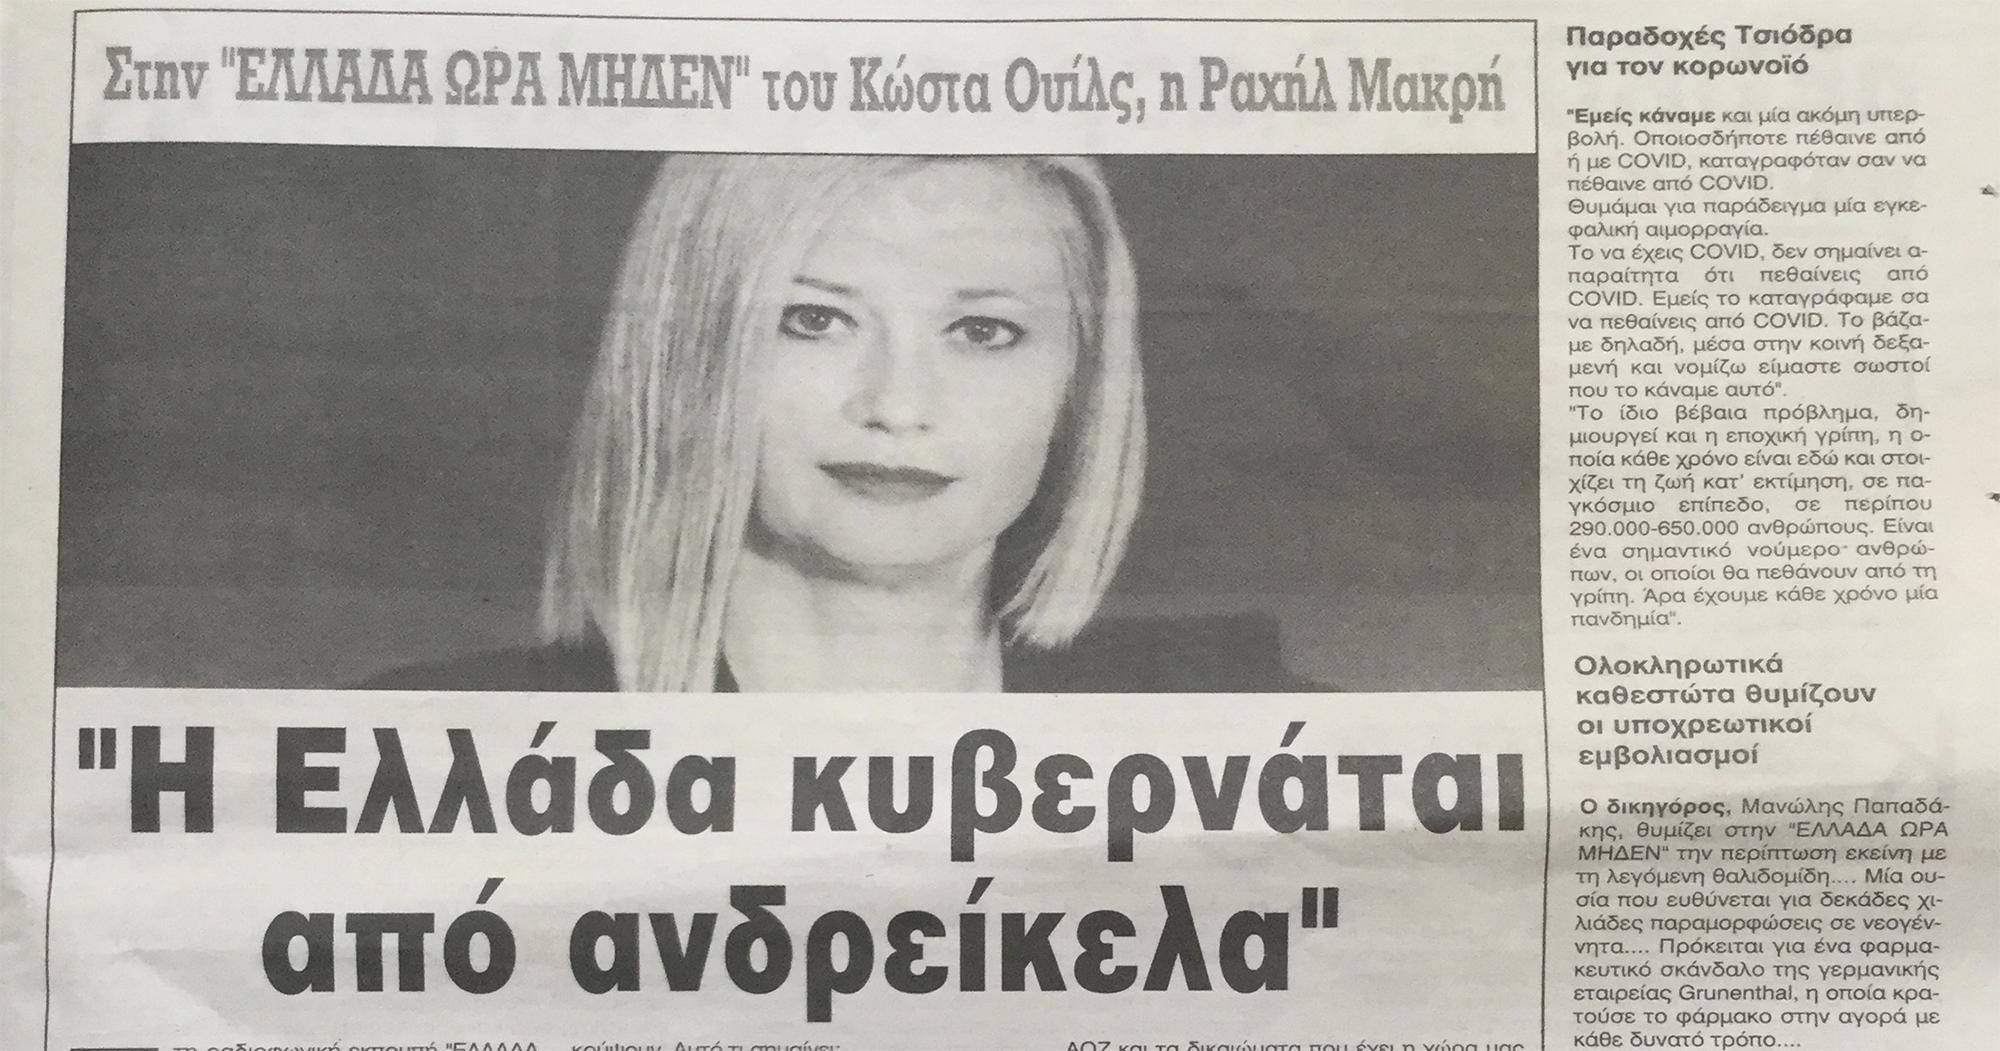 Ραχήλ Μακρή: «Η Ελλάδα κυβερνάται από ανδρείκελα» | 10.09.2020